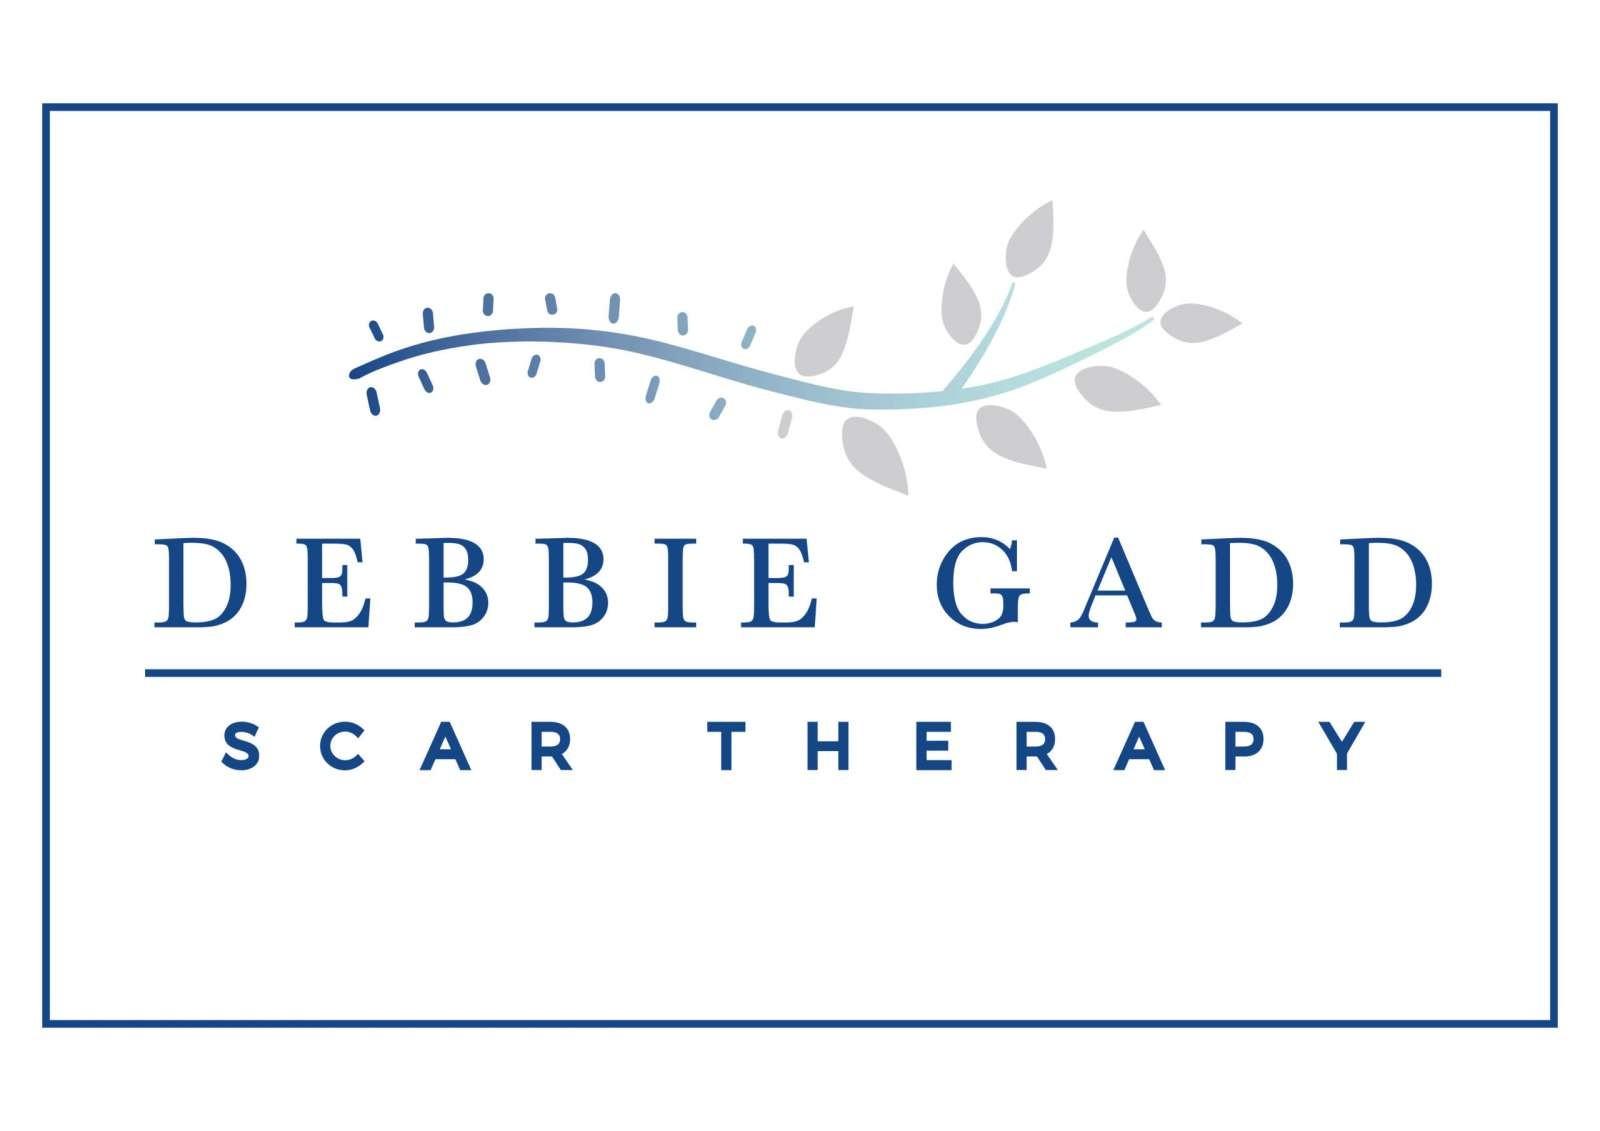 Debbie Gad Scar Therapy